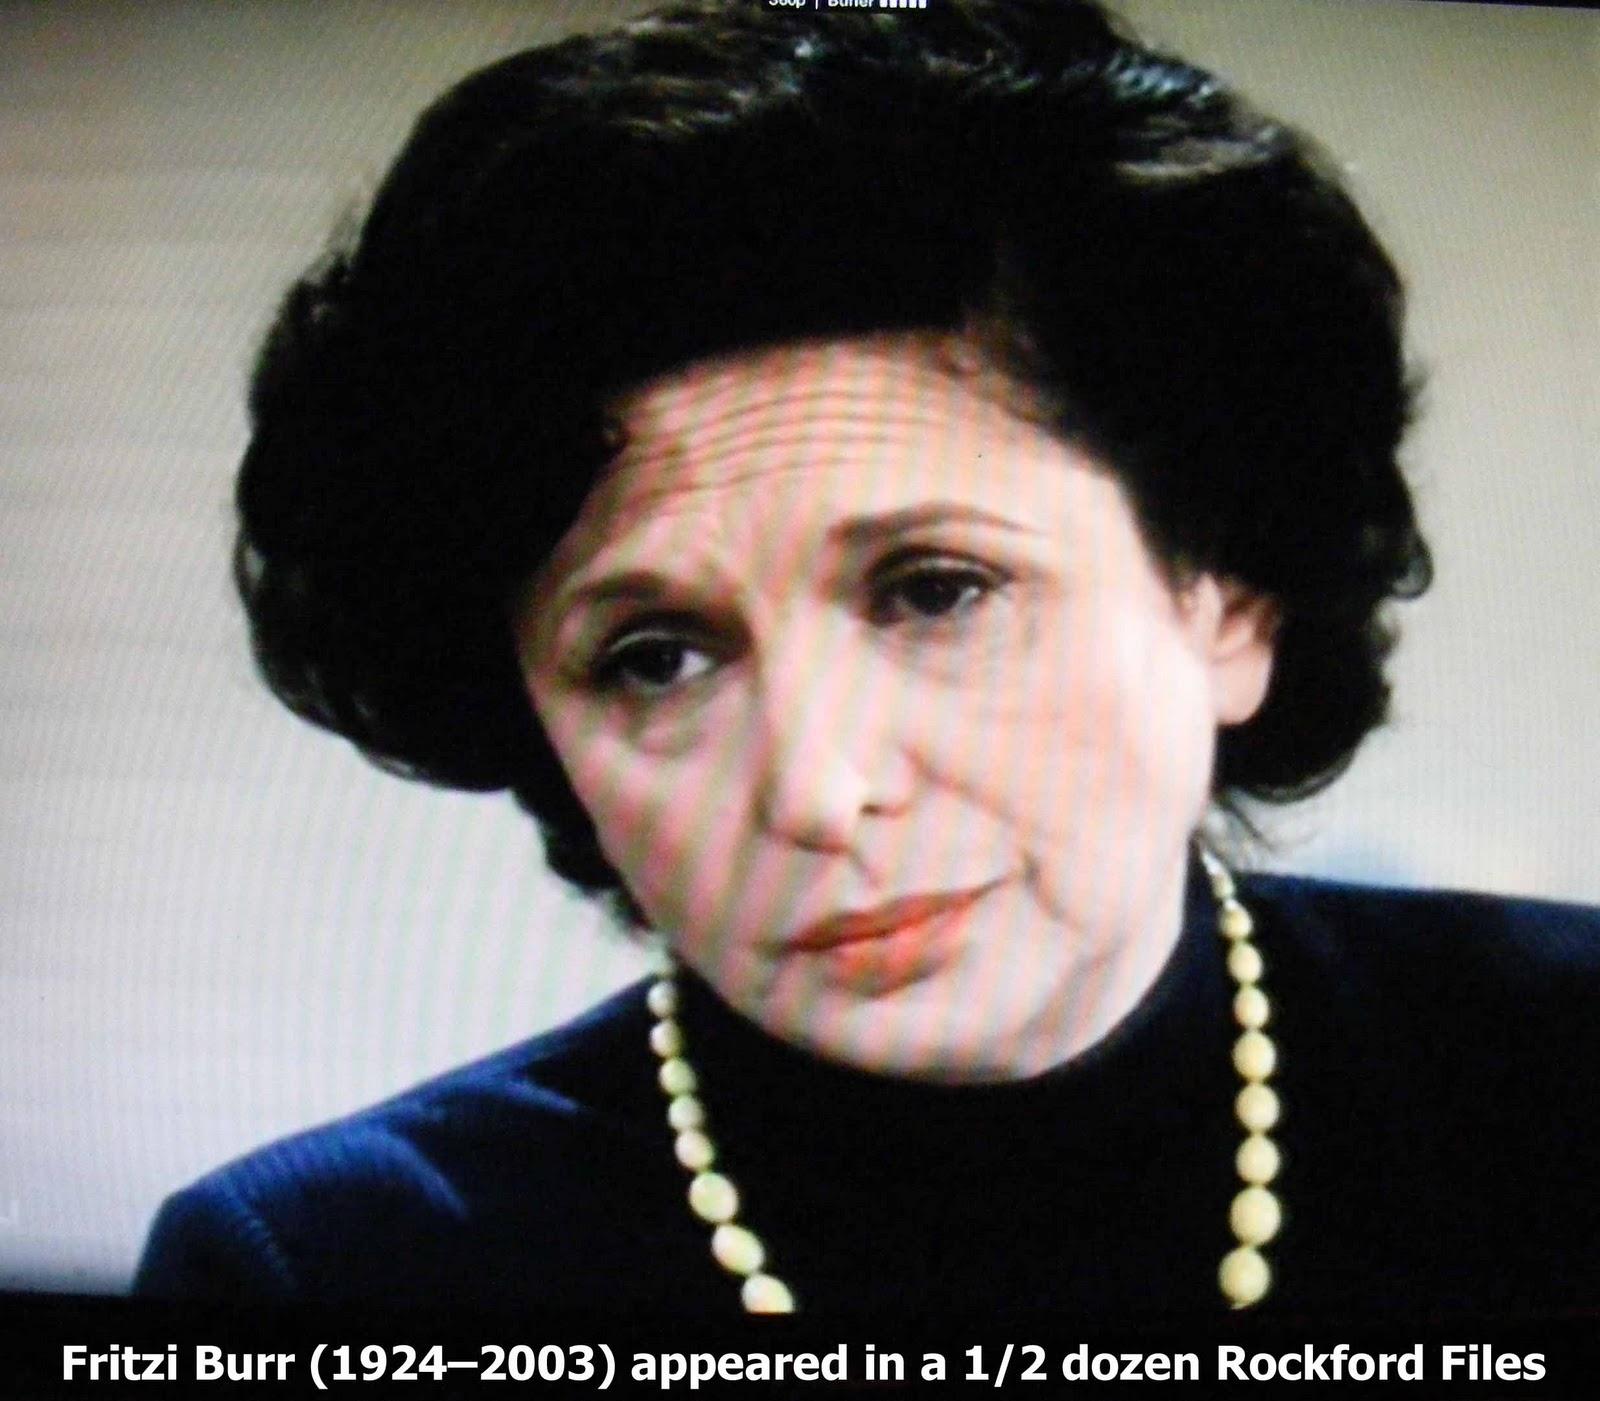 Fritzi Burr